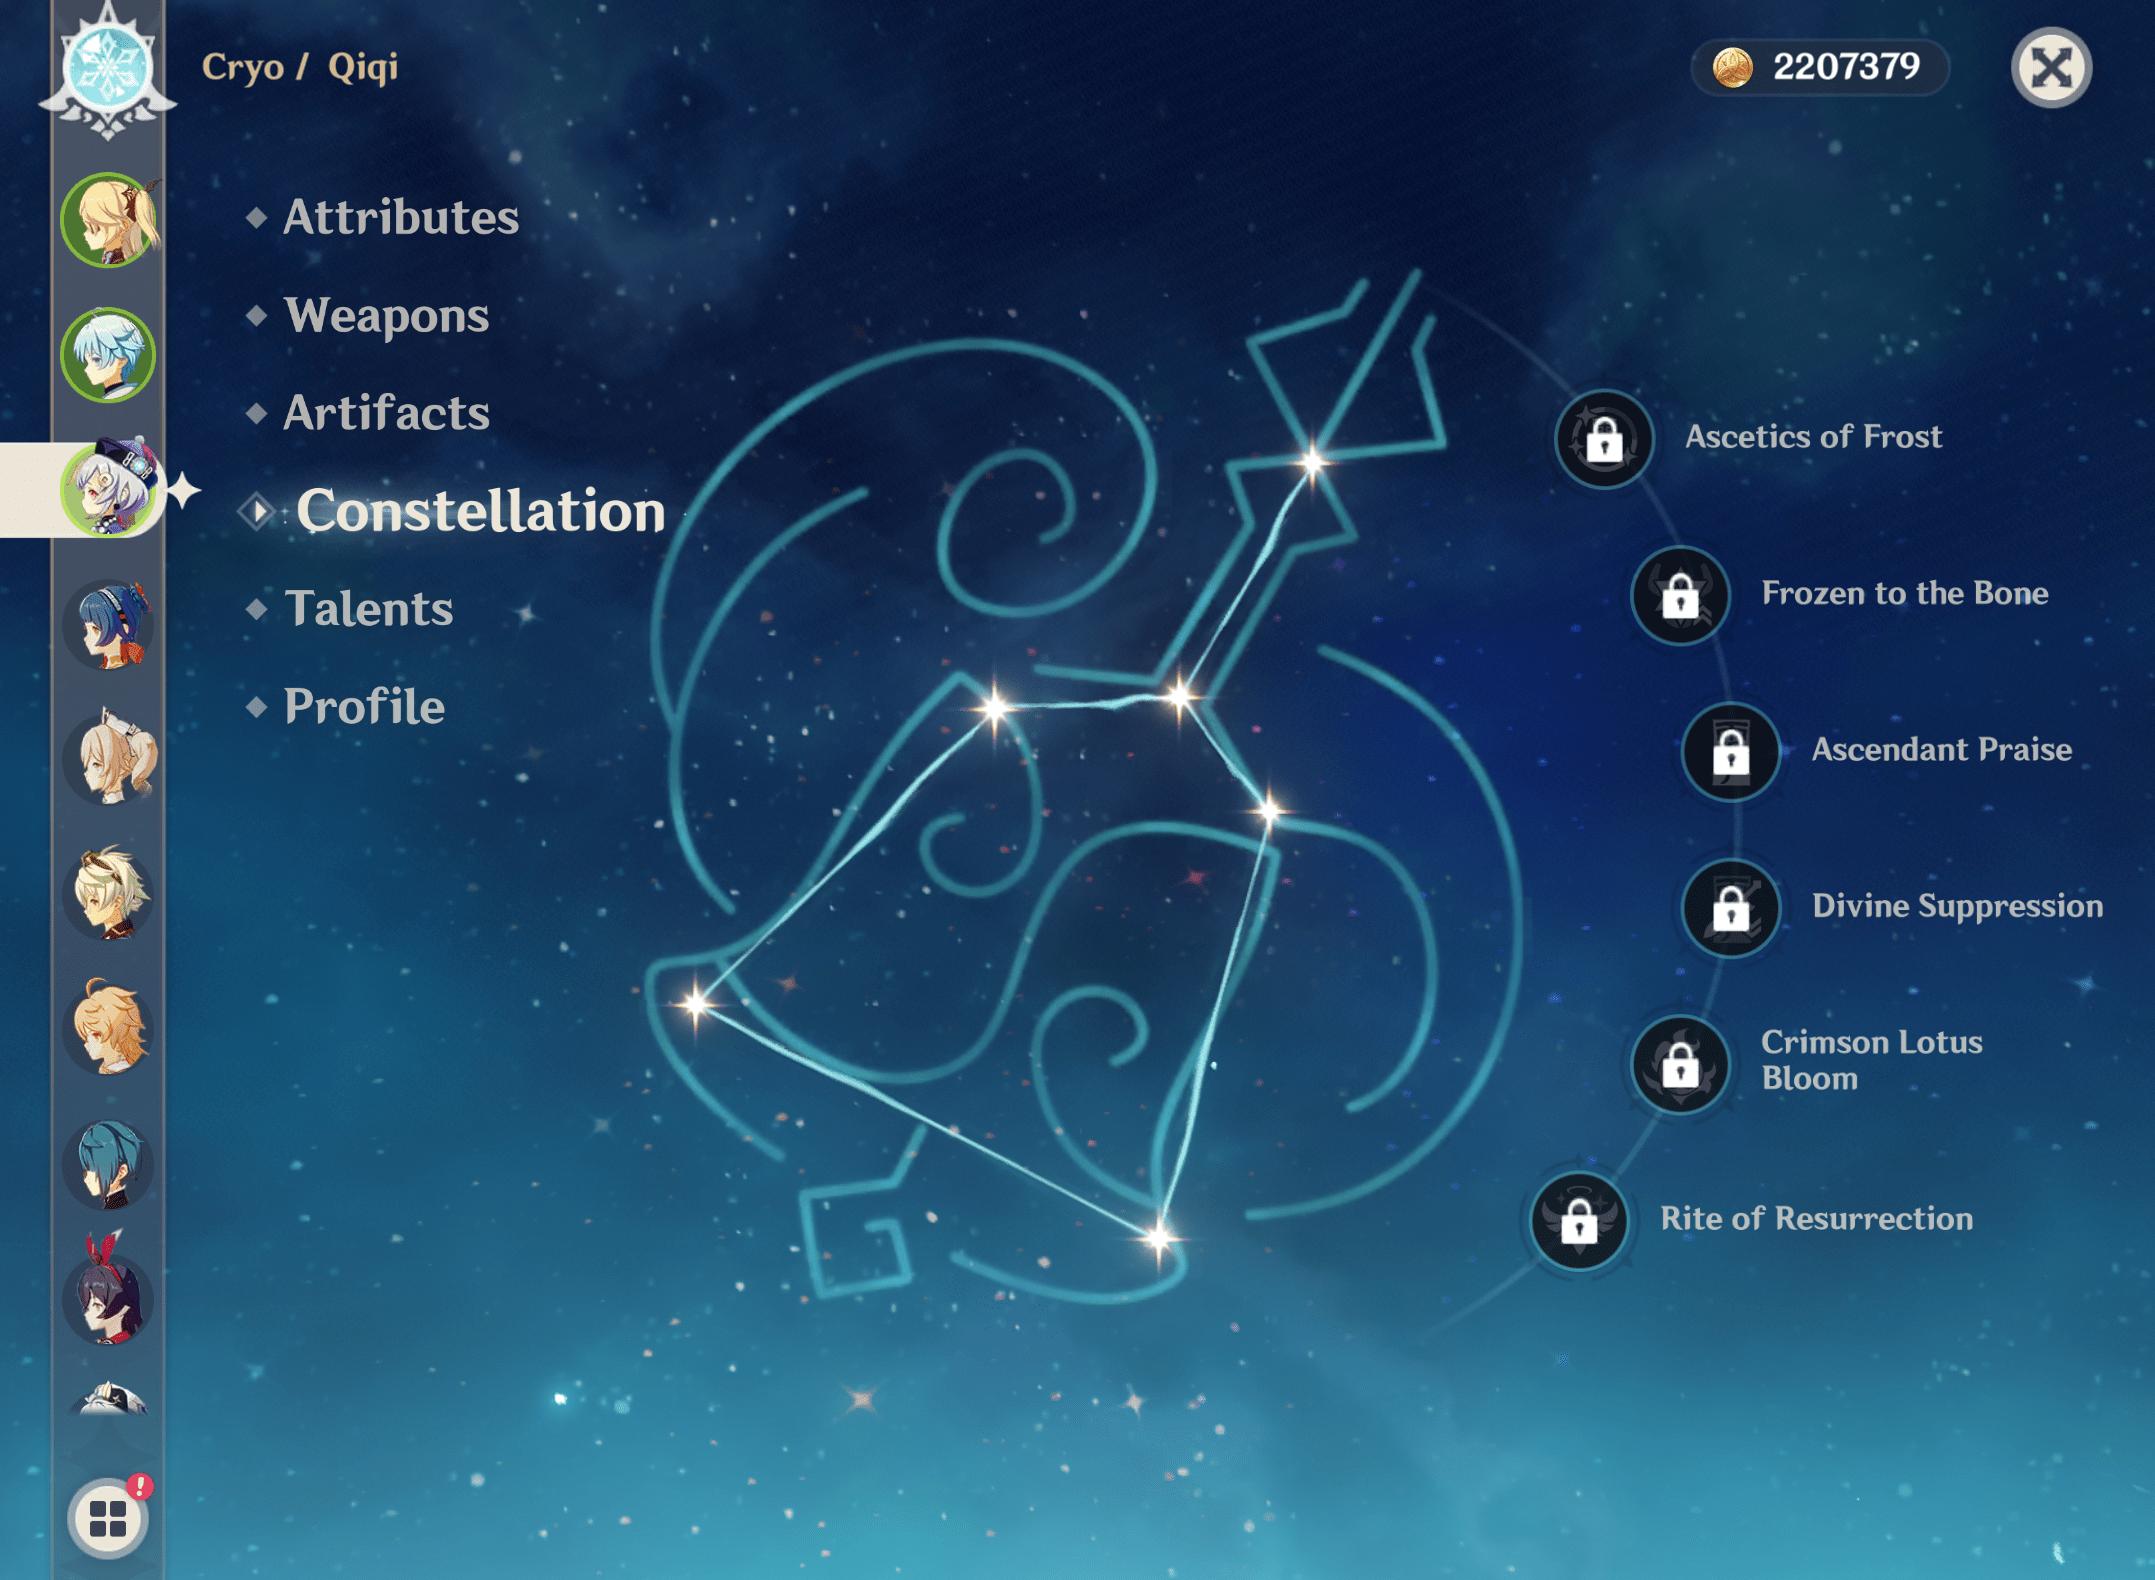 Qiqi constellation levels